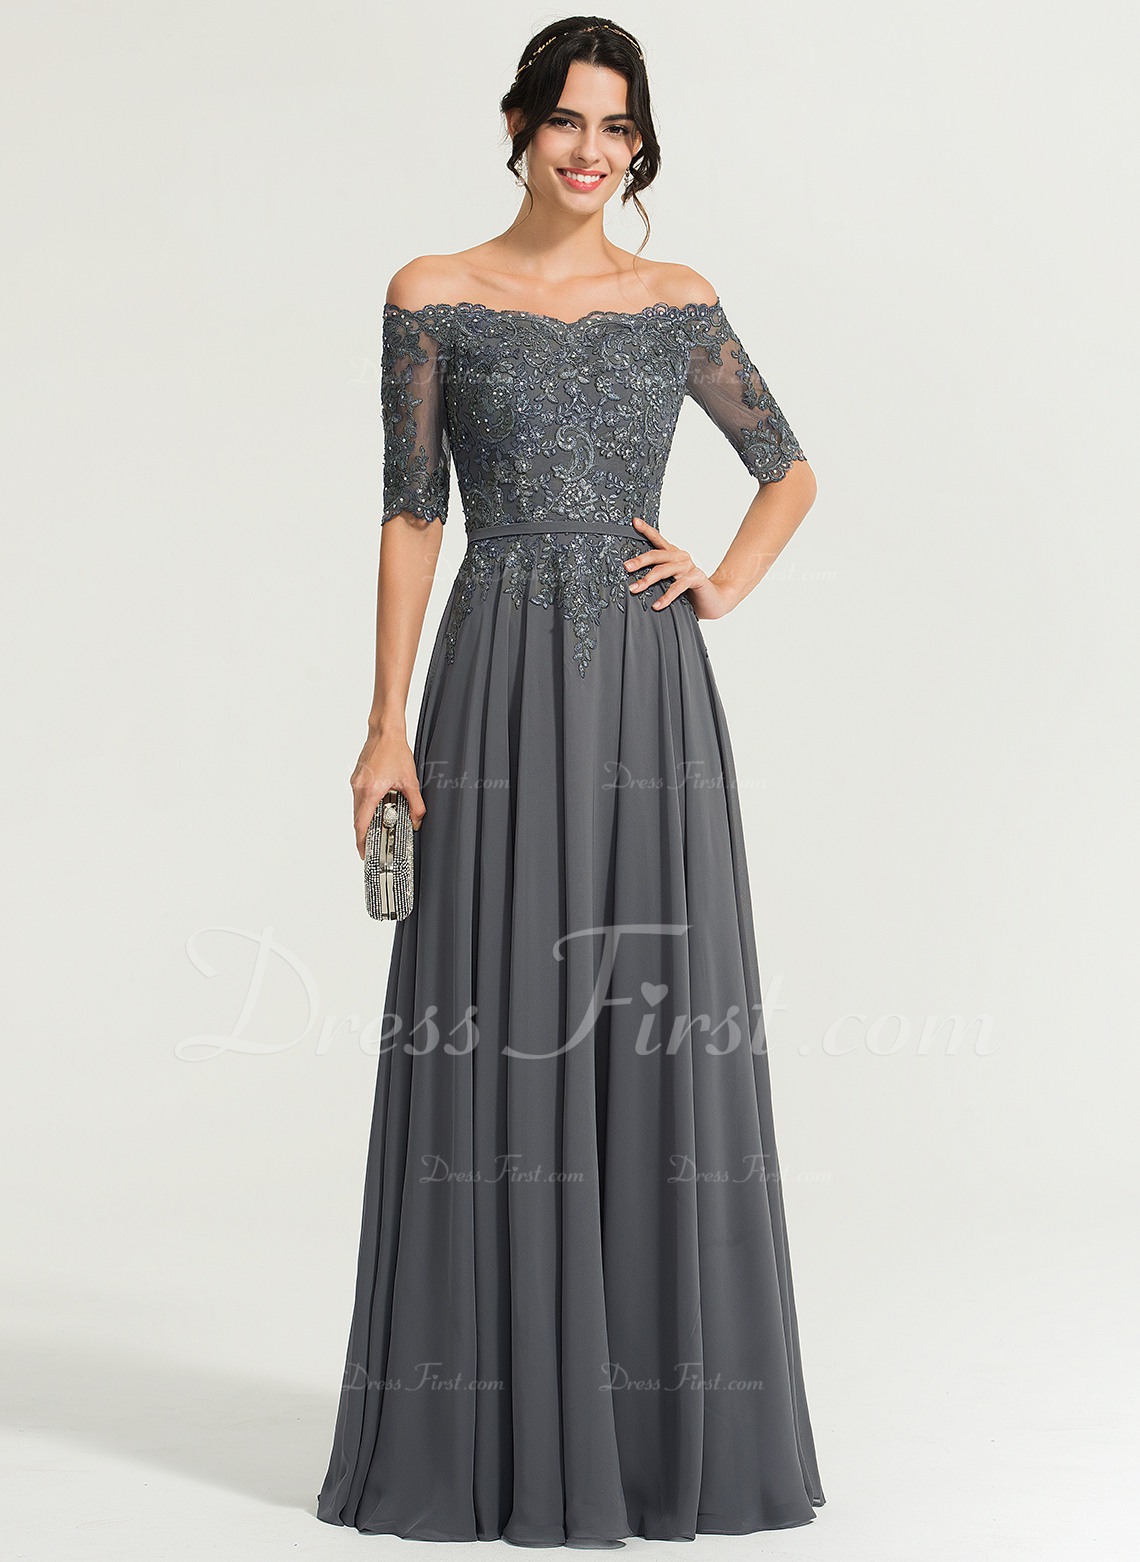 15 Genial Abendkleid Bodenlang Bester Preis10 Leicht Abendkleid Bodenlang Galerie